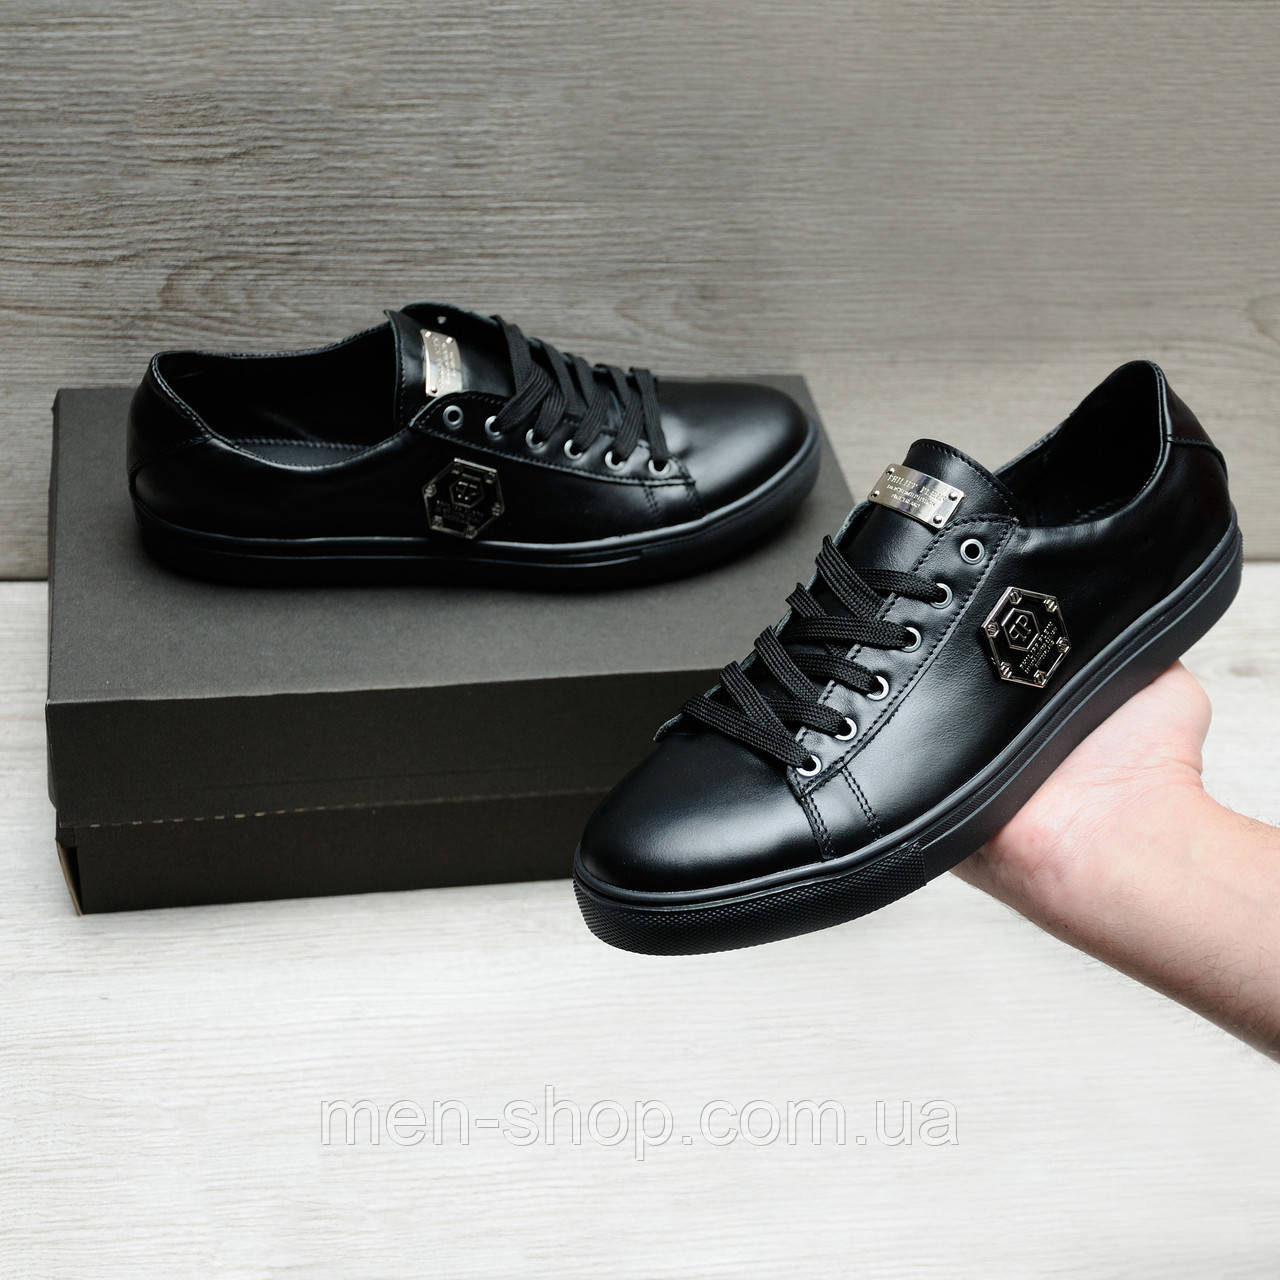 Качественная обувь в стиле Philipp Plein натуральная кожа